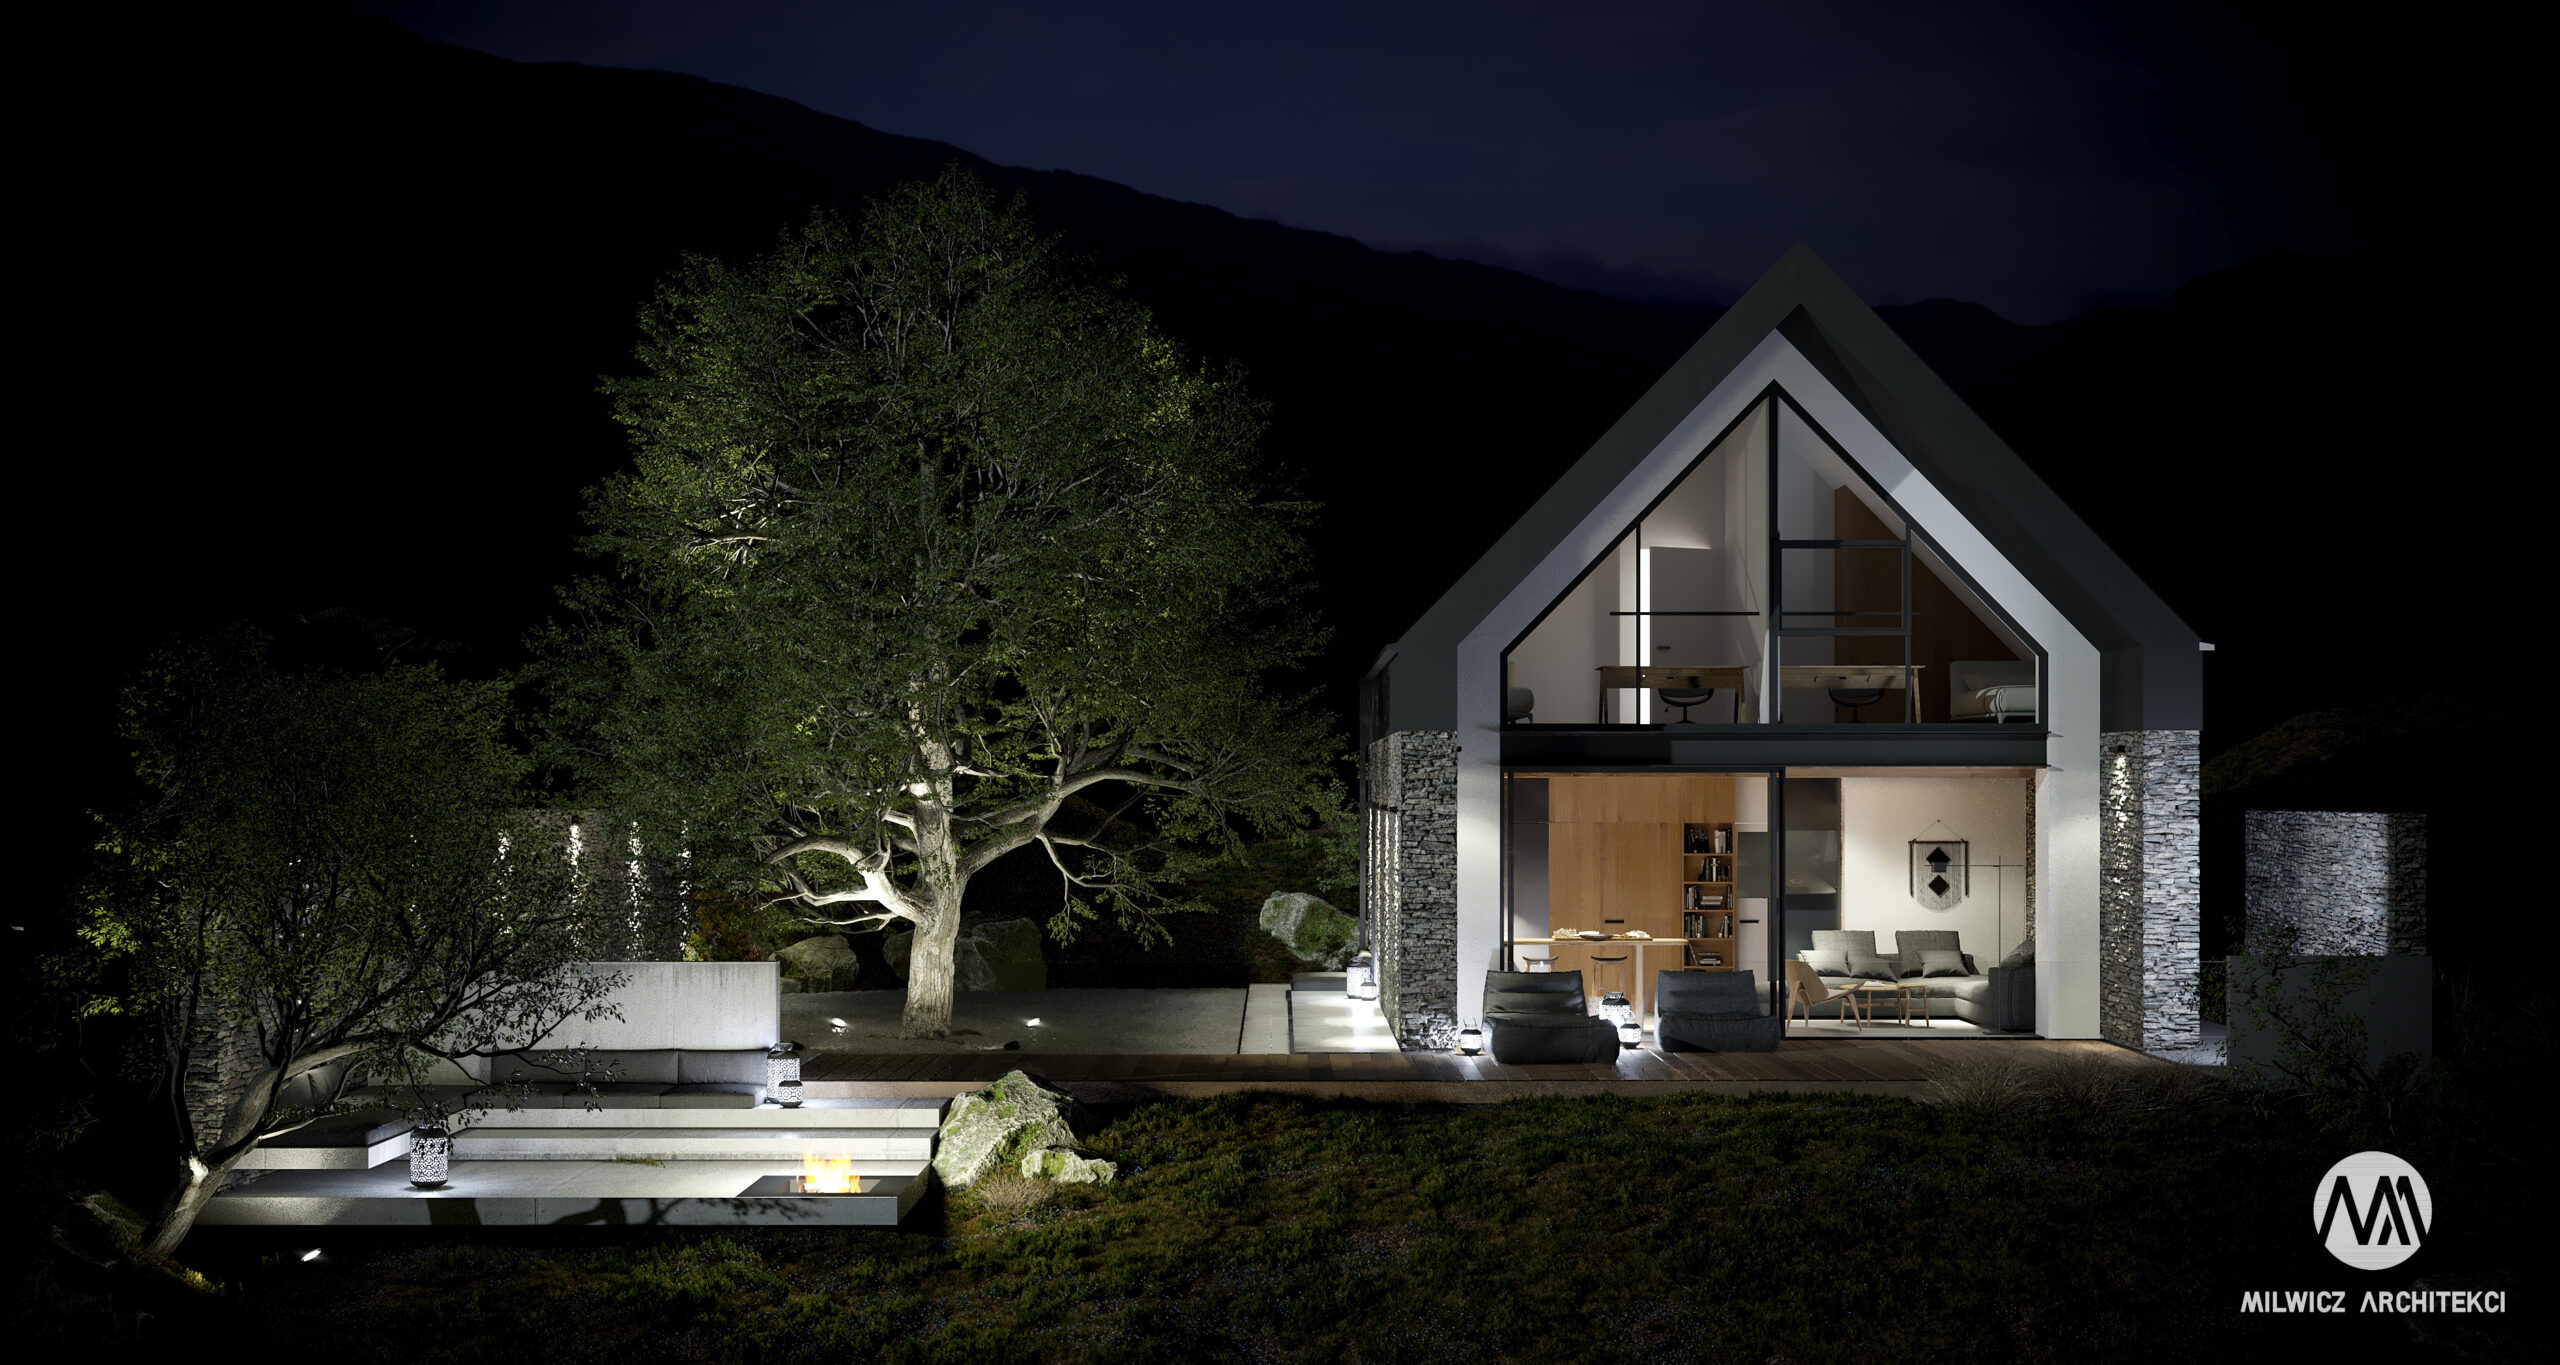 D81, projekt domu jednorodzinnego, dom jednorodzinny z poddaszem użytkowym, projekty gotowe, nowoczesna stodoła, nowoczesna architektura, dom z drzewem